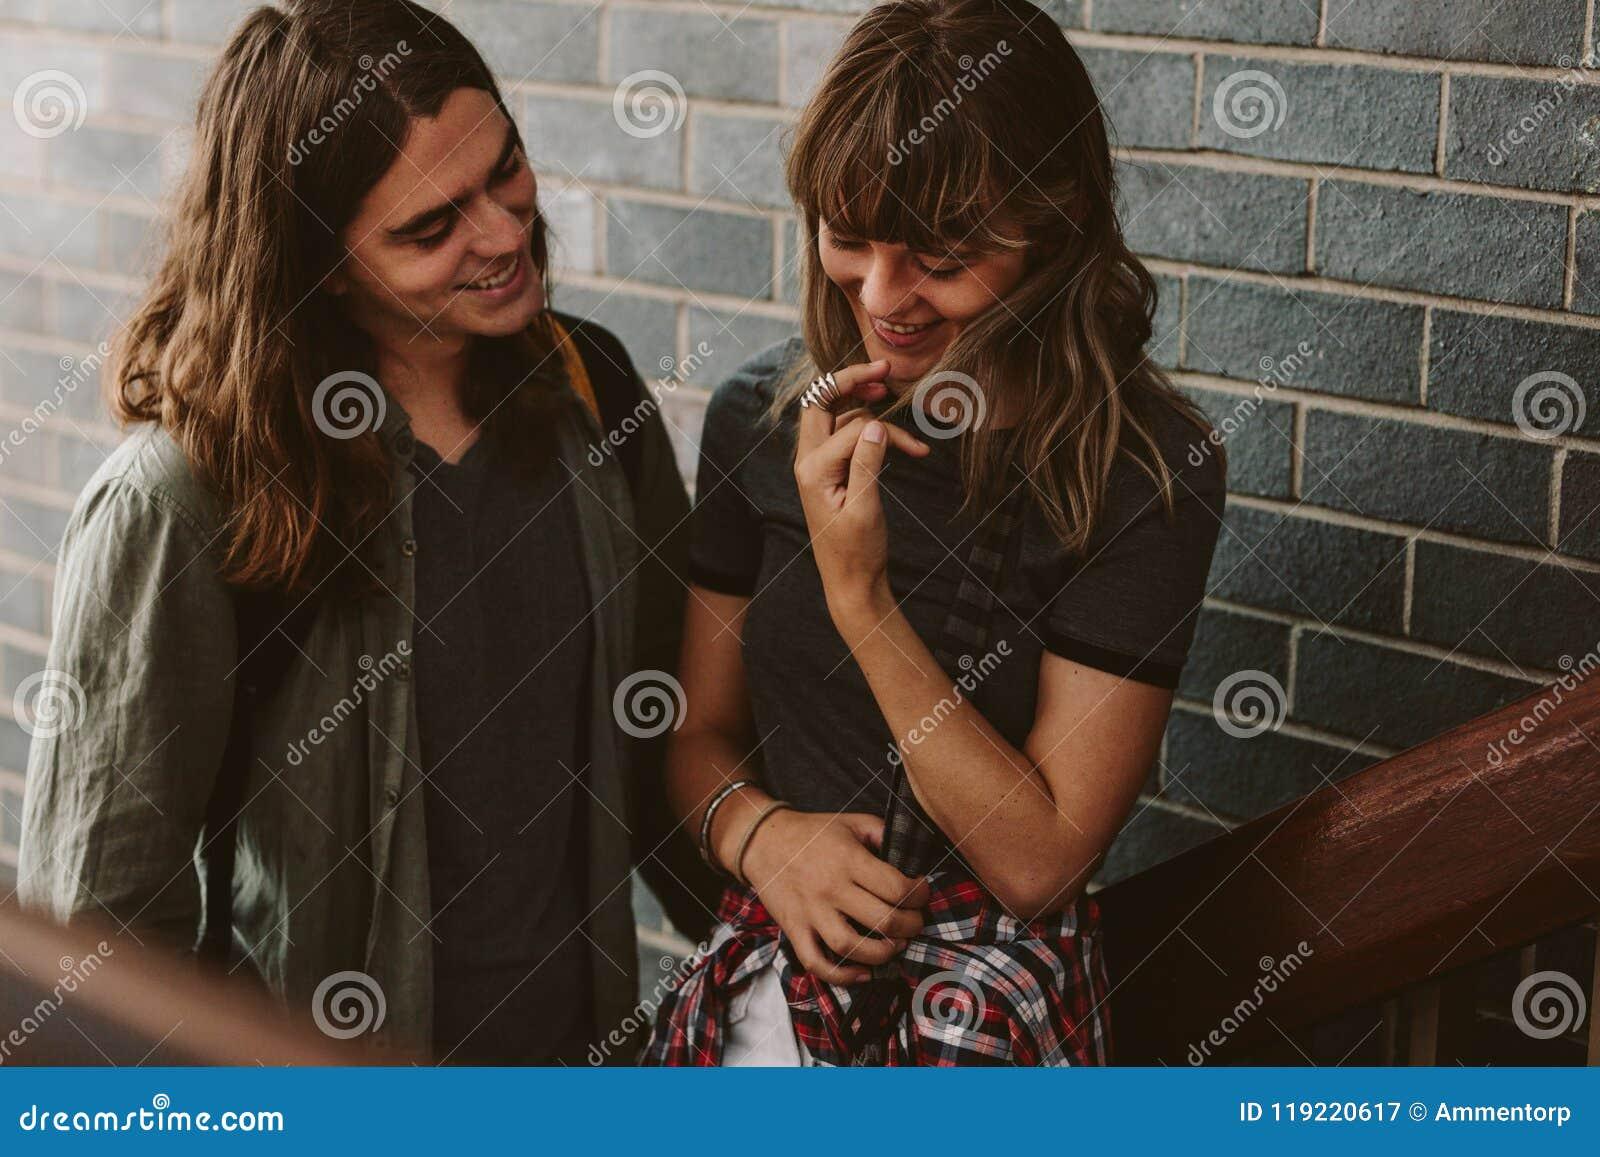 l'amour des étudiants datant site en ligne rencontres chauve mecs